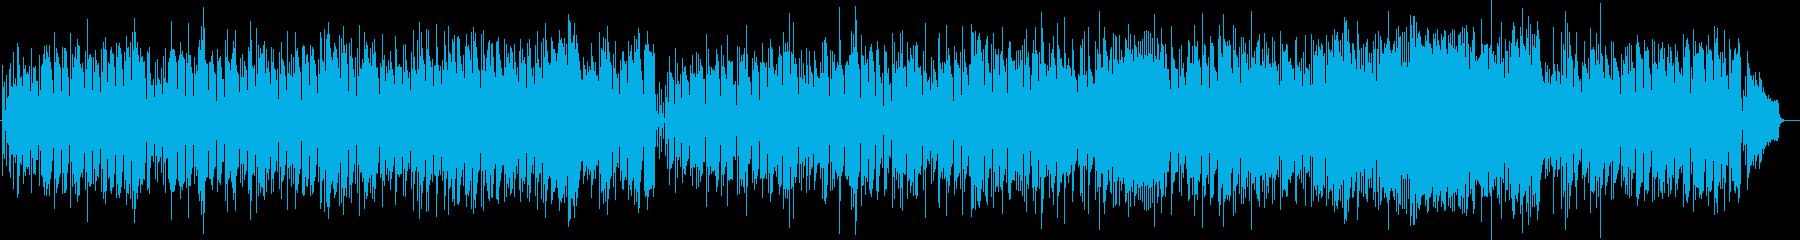 昭和のムード歌謡風・バラード・哀しげな曲の再生済みの波形